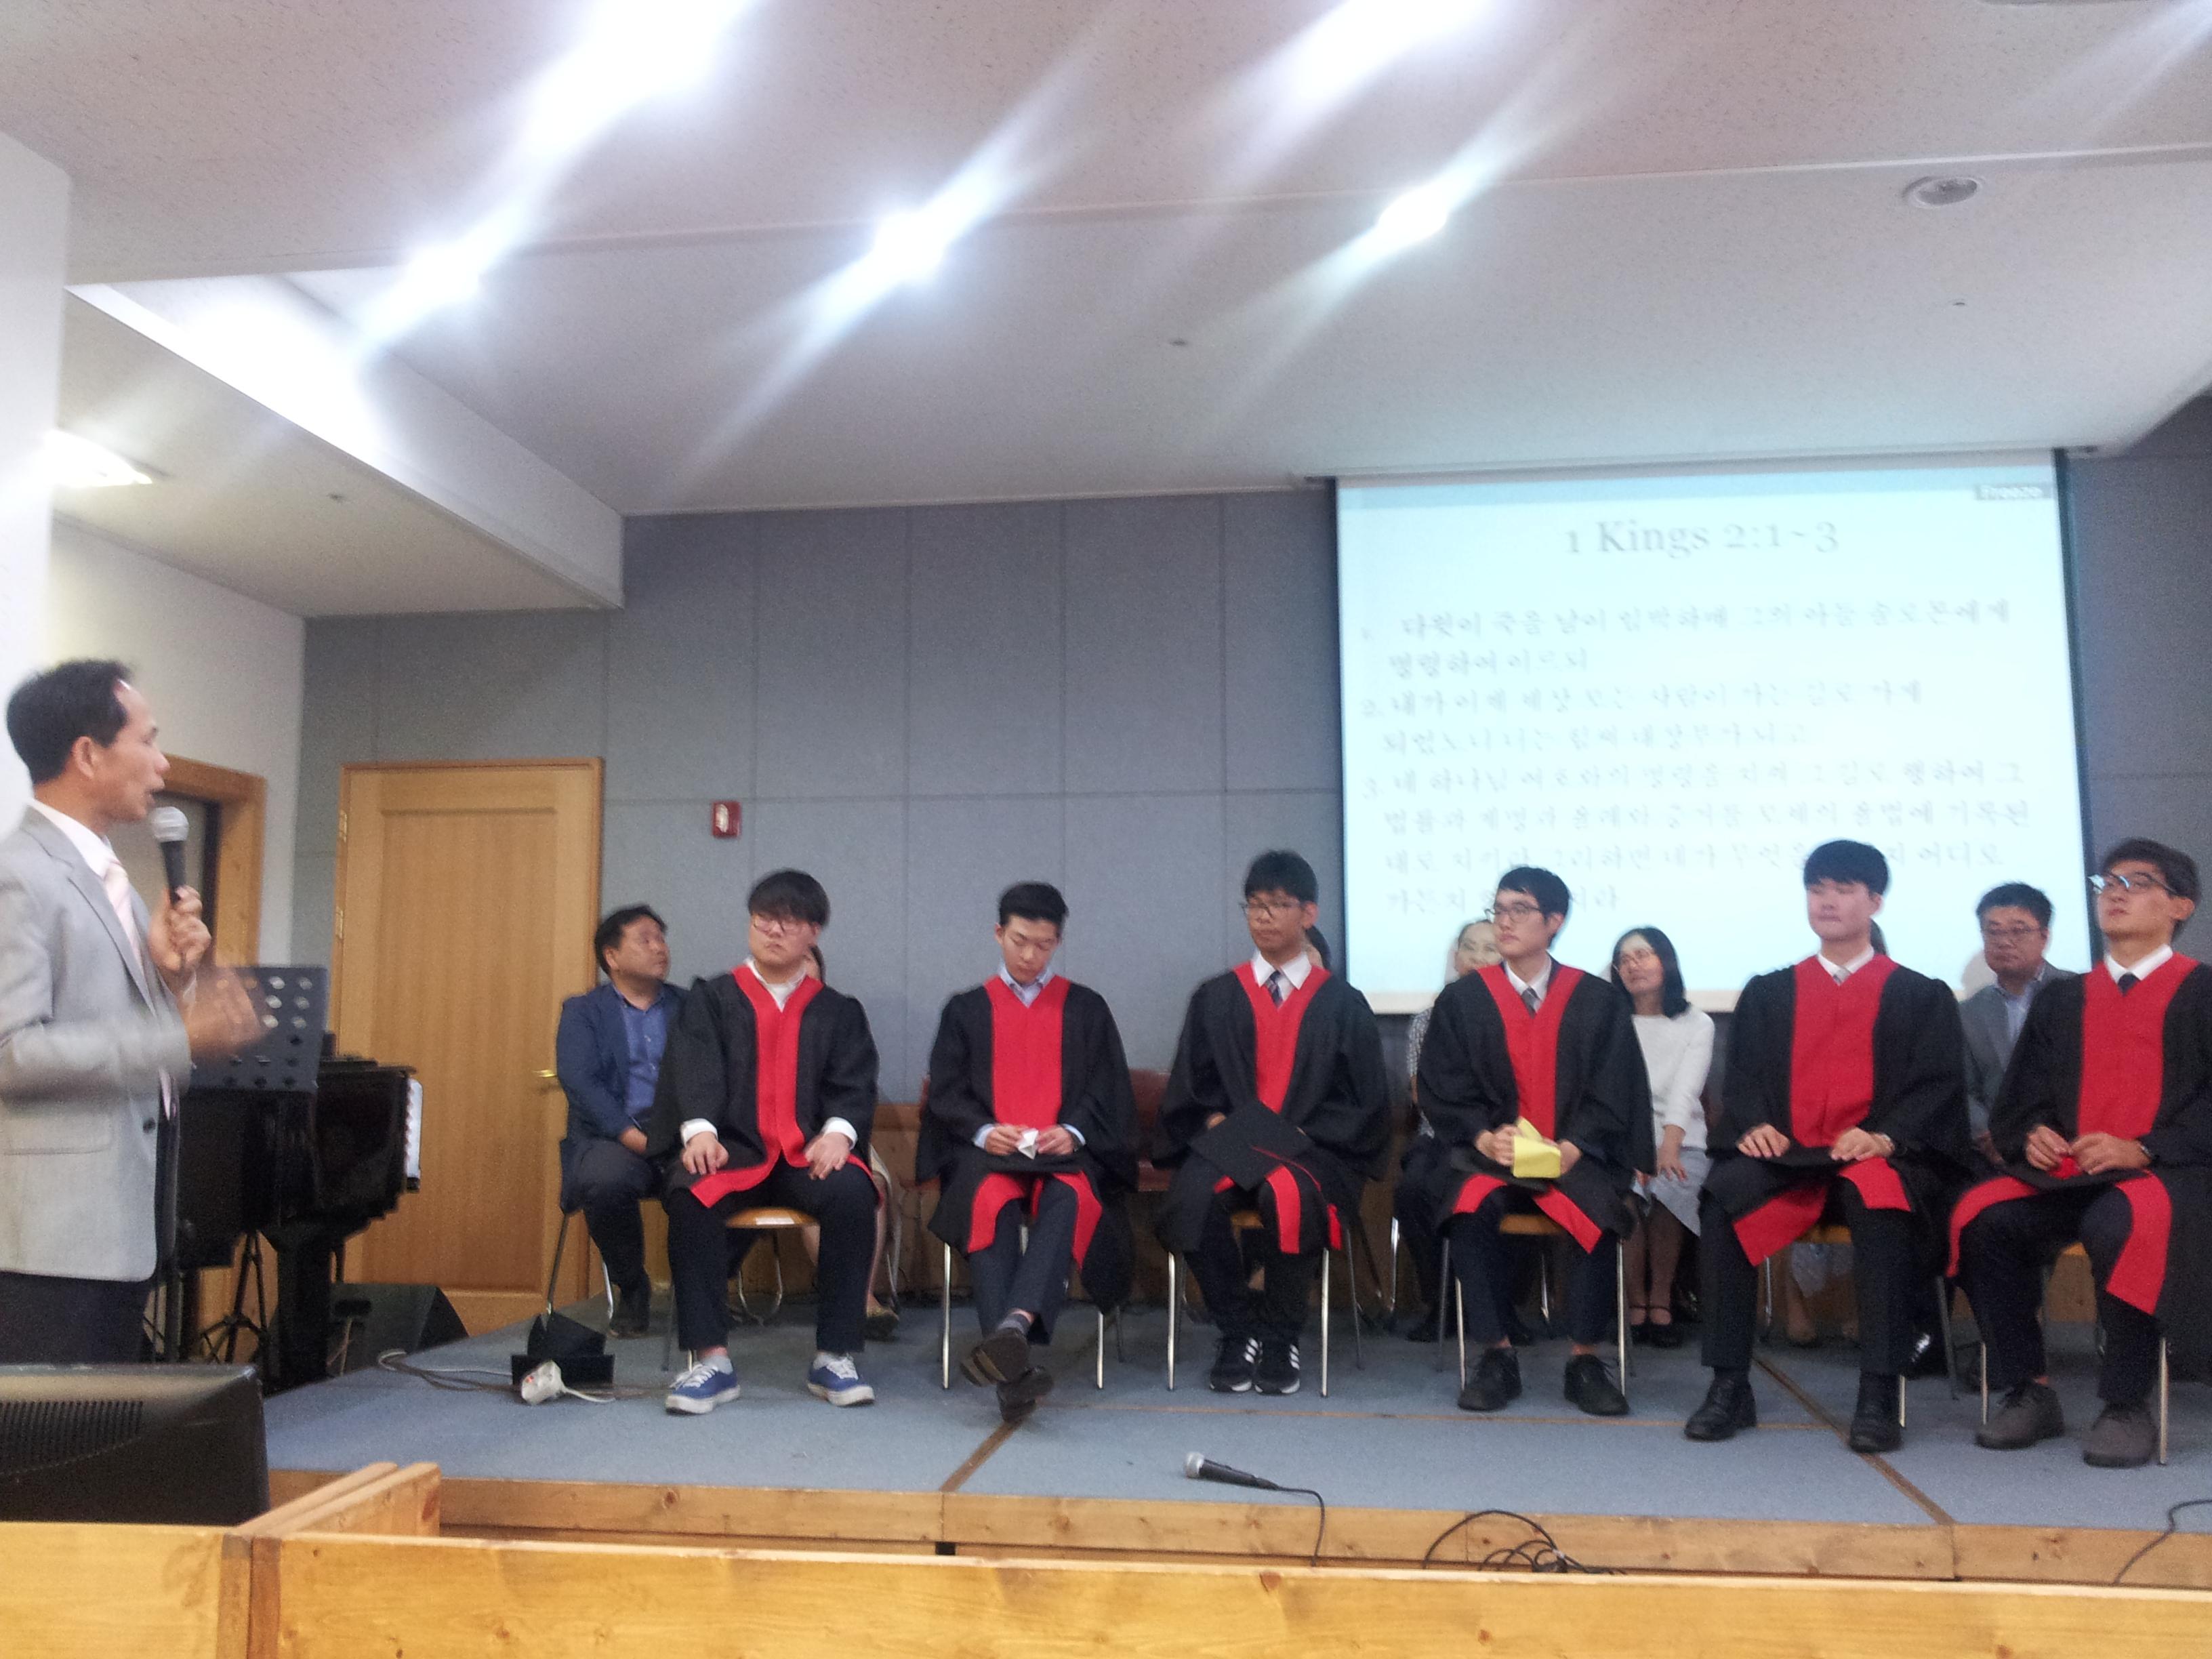 6회 졸업식 20160612-7.jpg